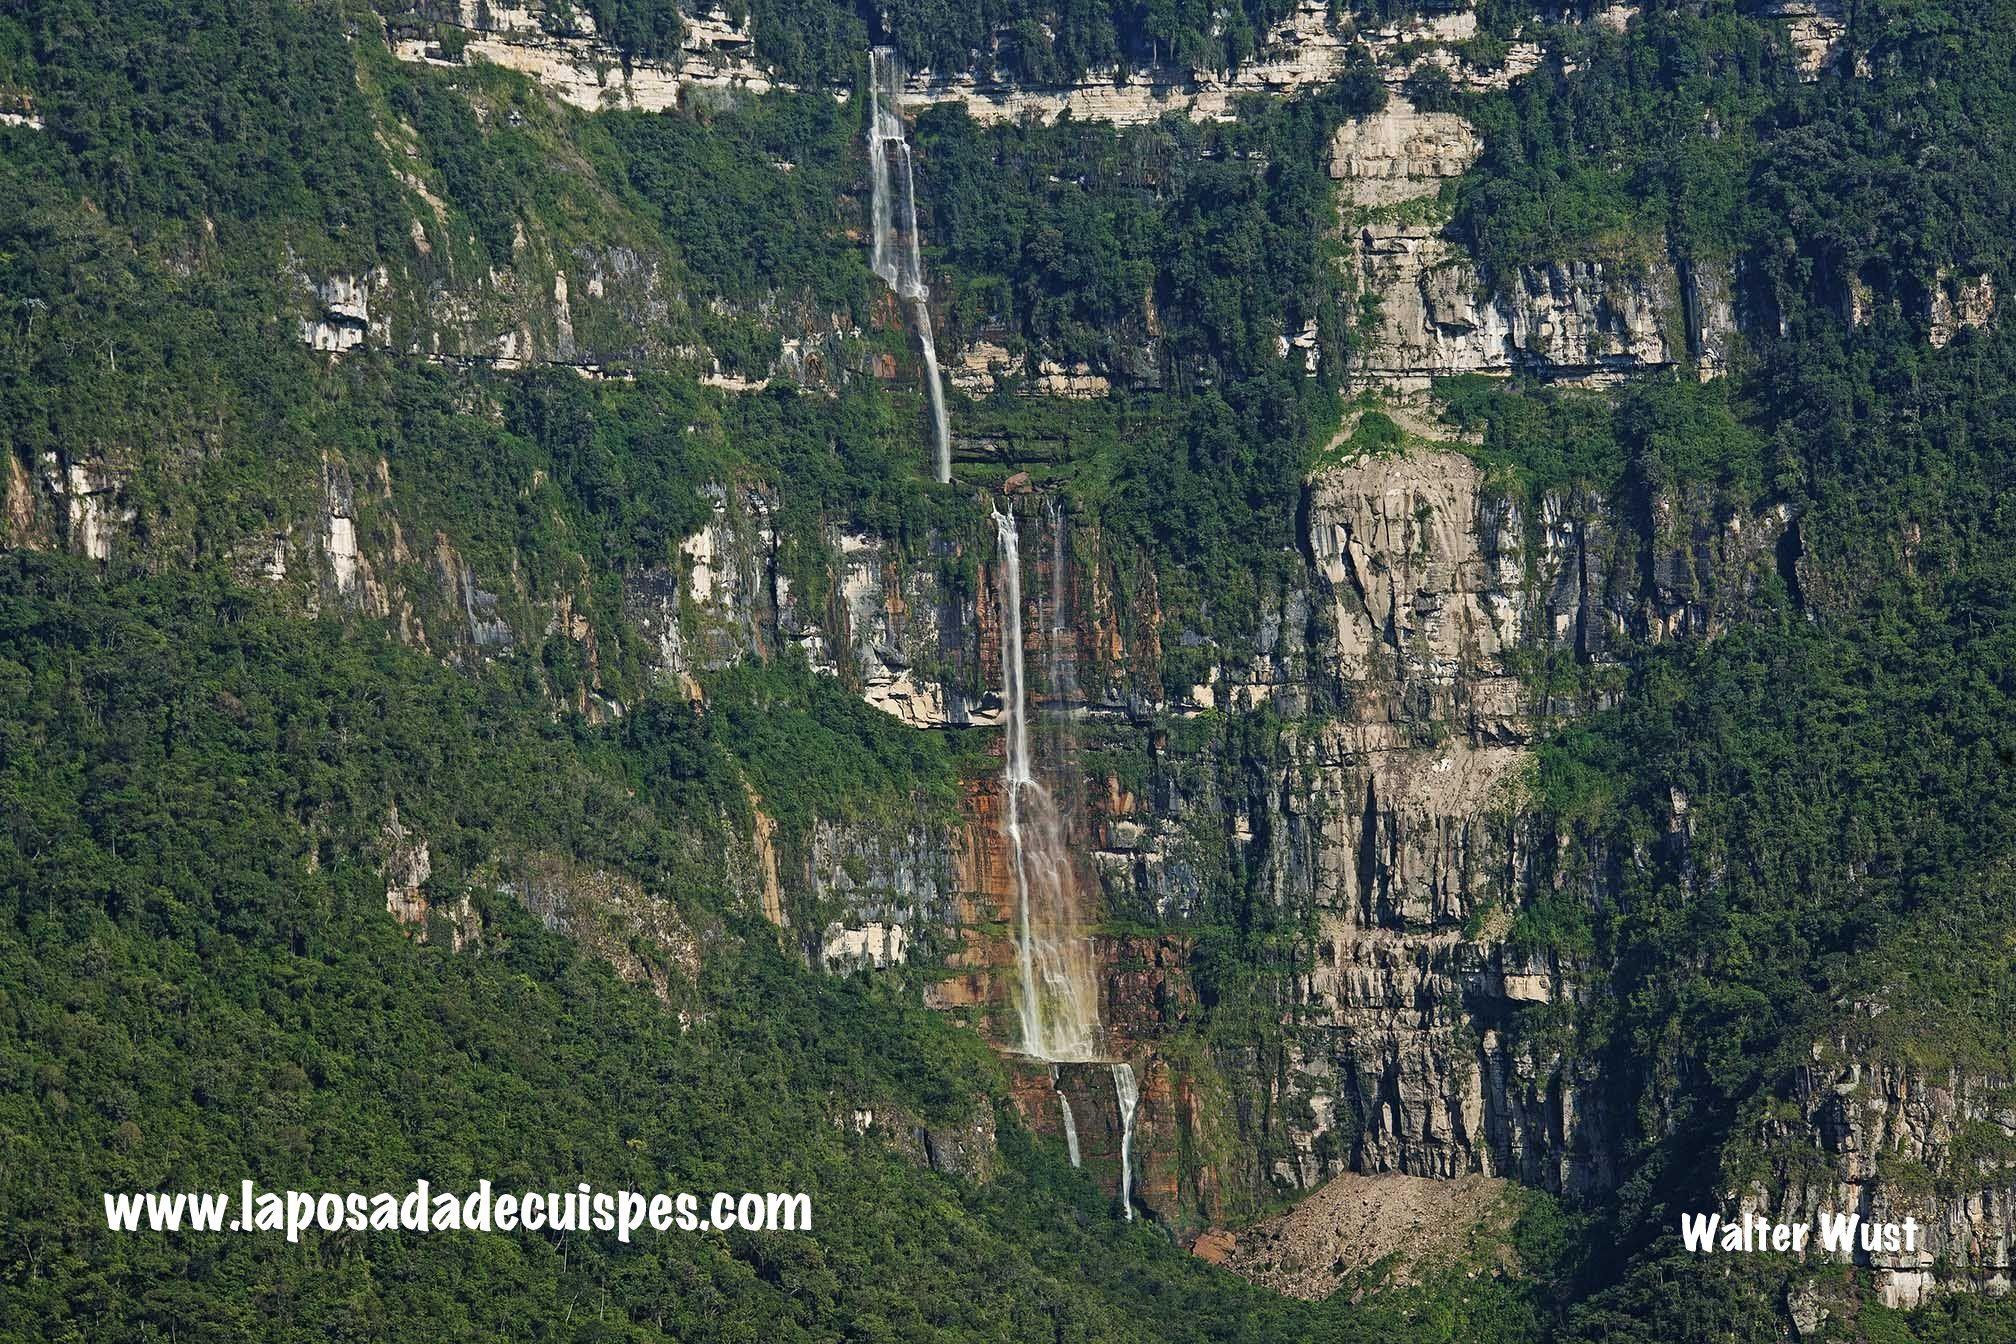 Si disfrutas del turismo a lugares poco conocidos deseas conocer la Catarata Yumbilla de 895m (124m más alta que catarata Gocta), Catarata Chinata de 560m o Pabellon de 400m de altura, La Posada de Cuispes, es el lugar ideal, como punto de partida de tu aventura. http://laposadadecuispes.com/